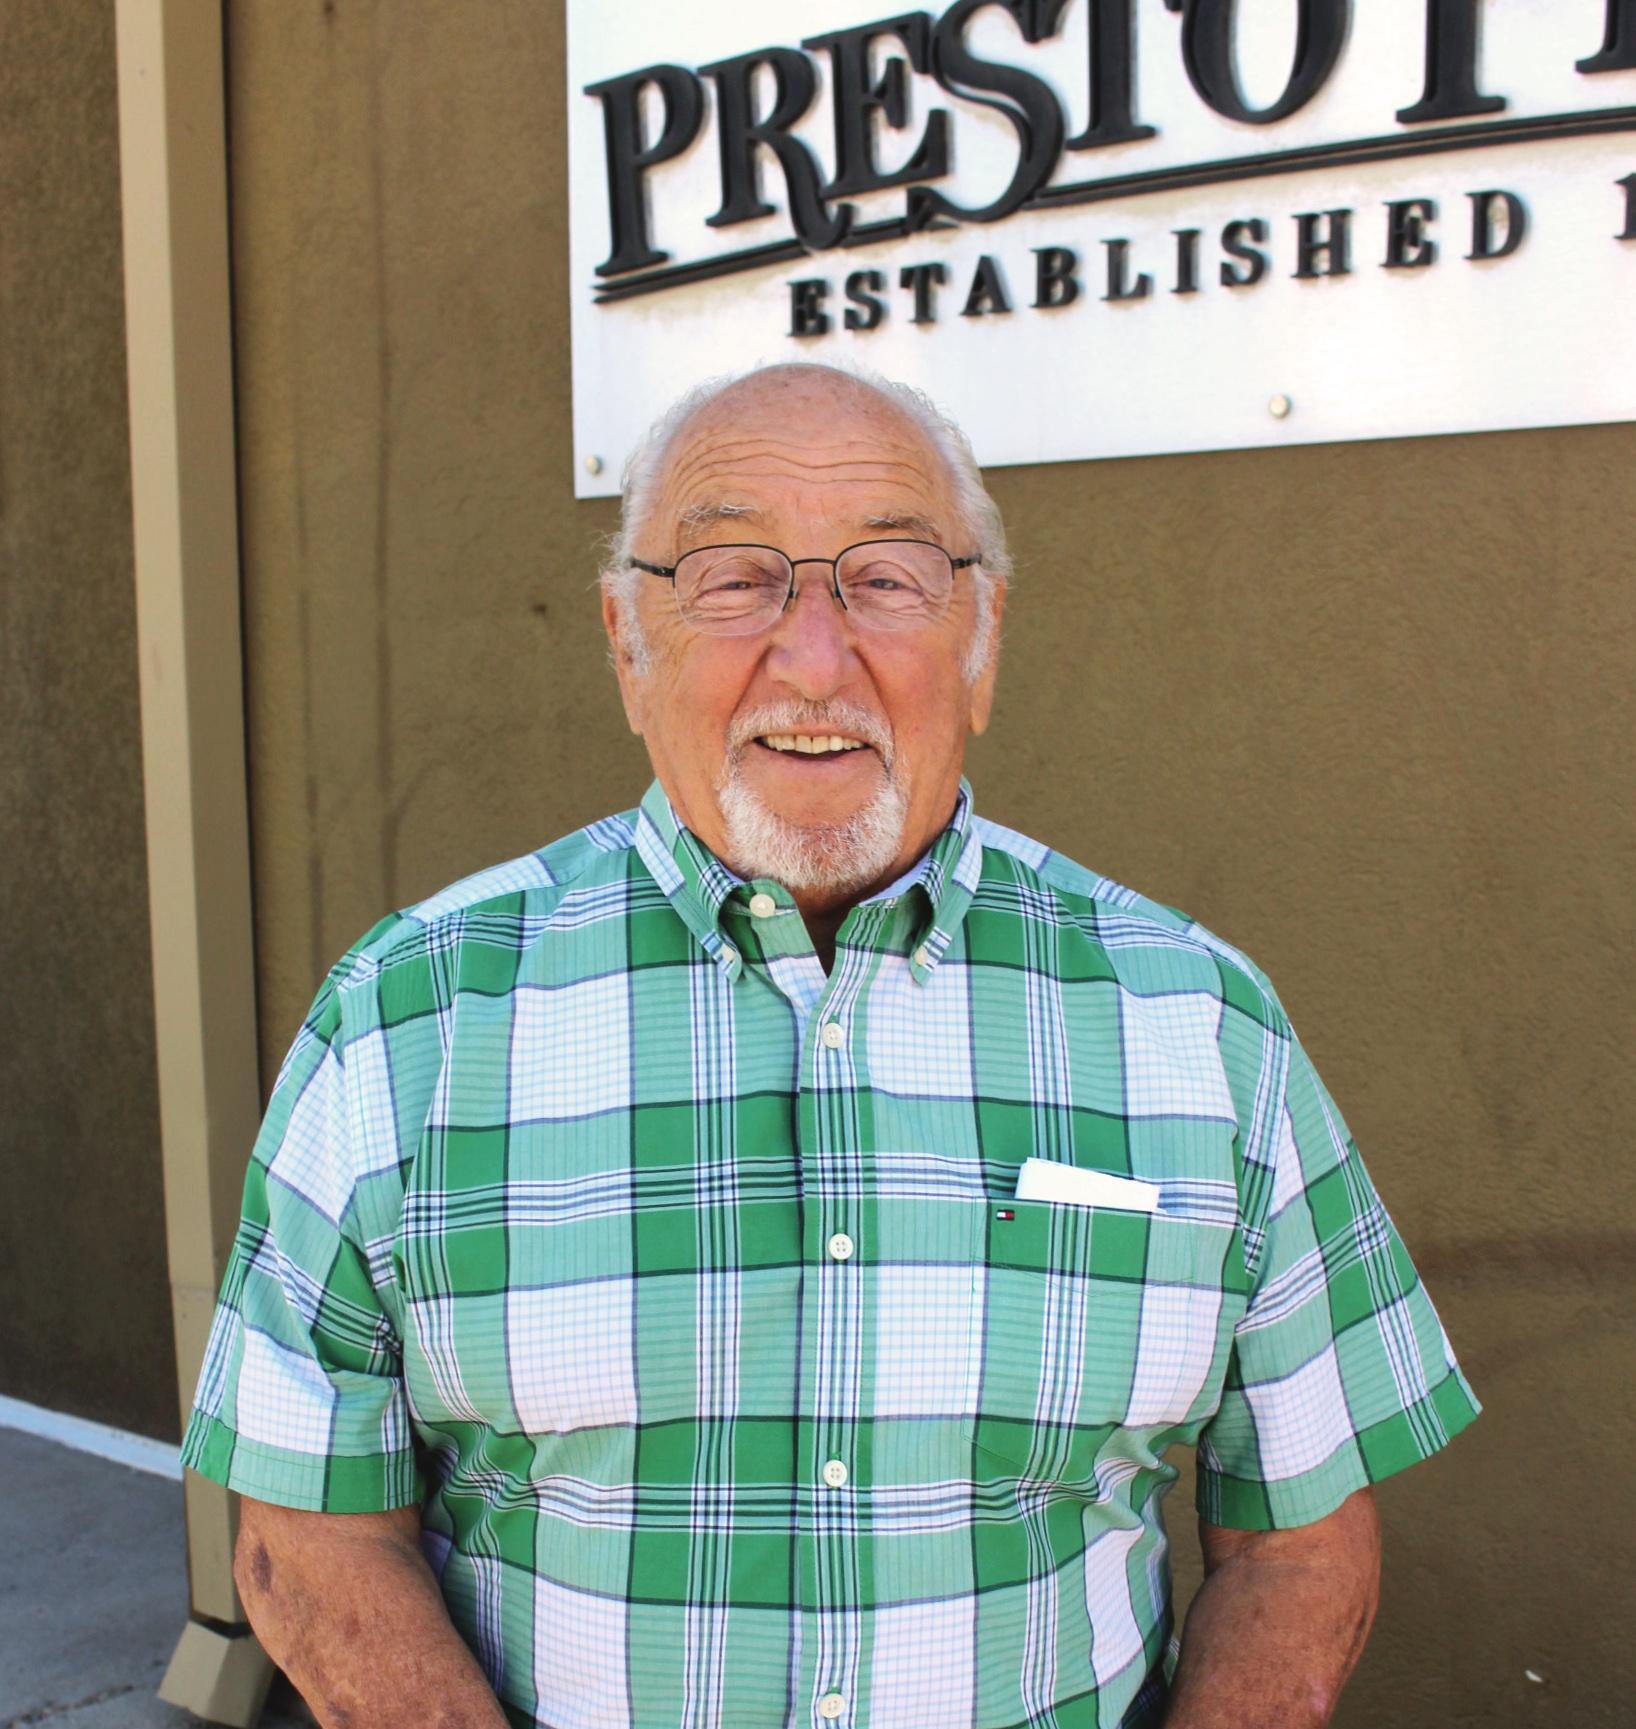 Joe Varanakis- Owner/President